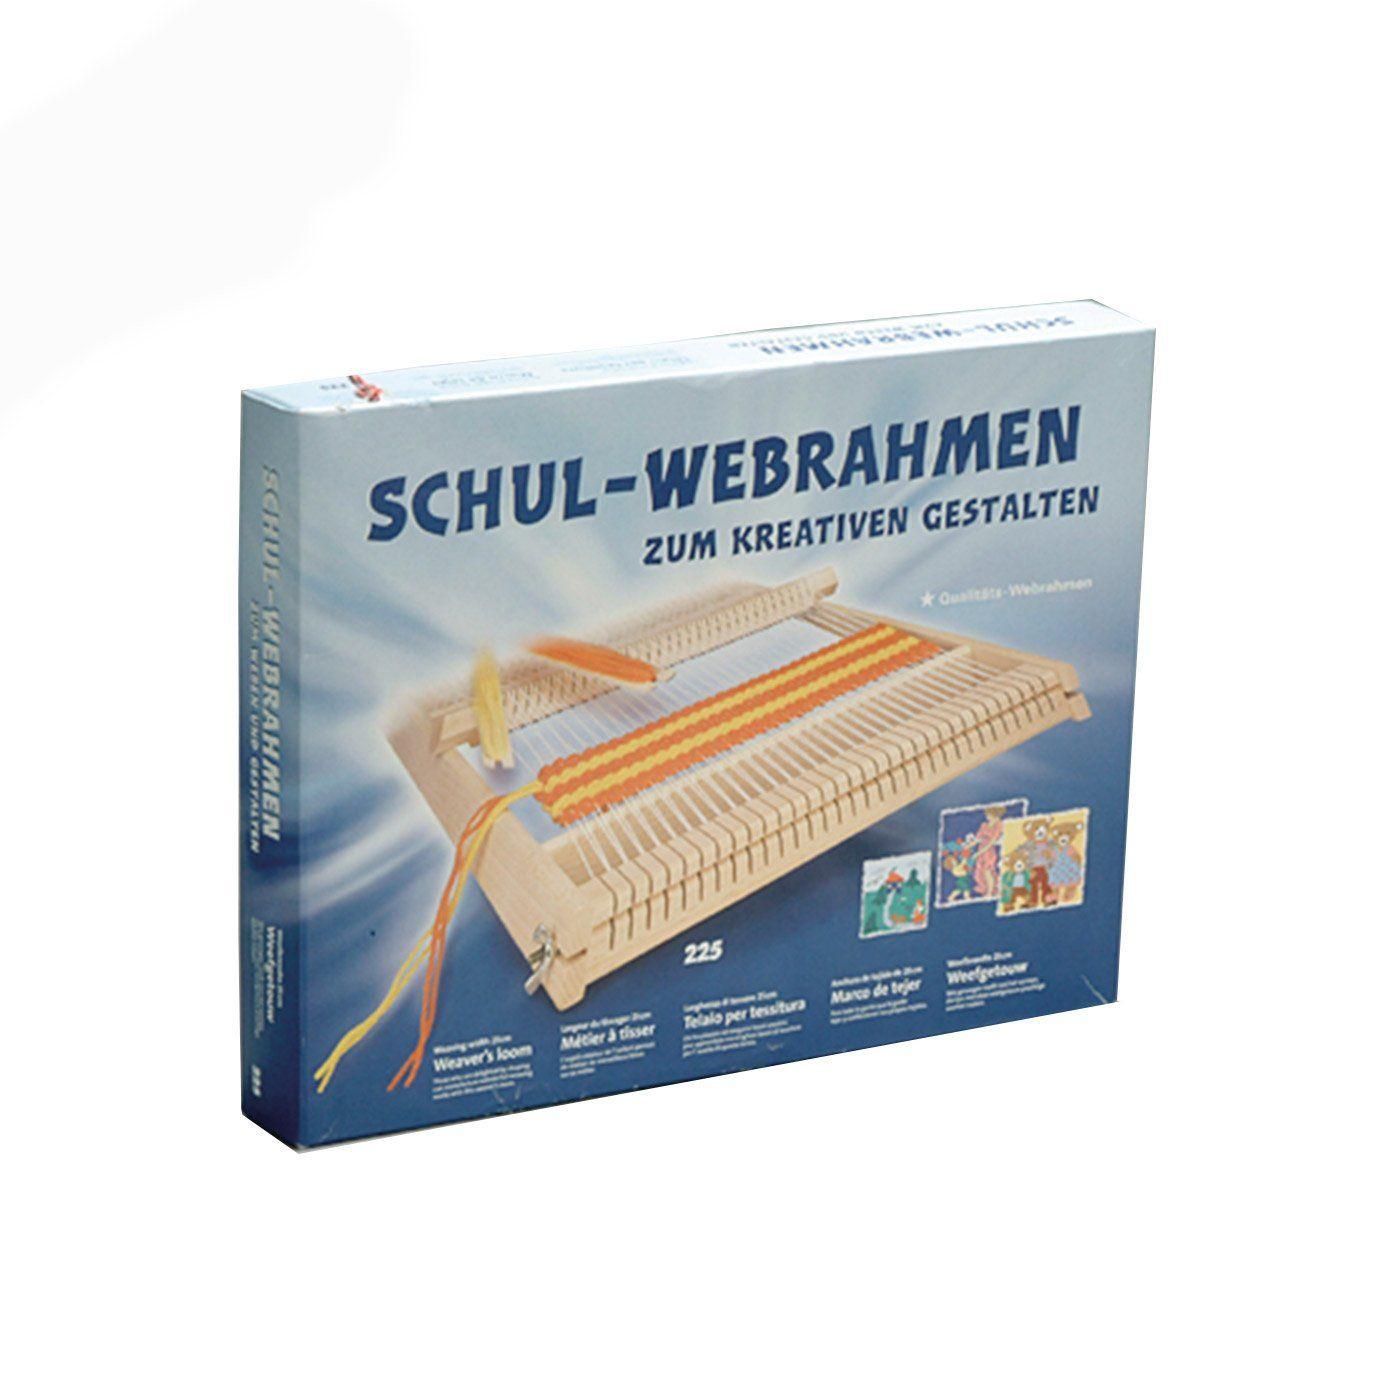 Telaio per bambini in legno di allg uer webrahmen un bel for Cerco in regalo tutto per bambini